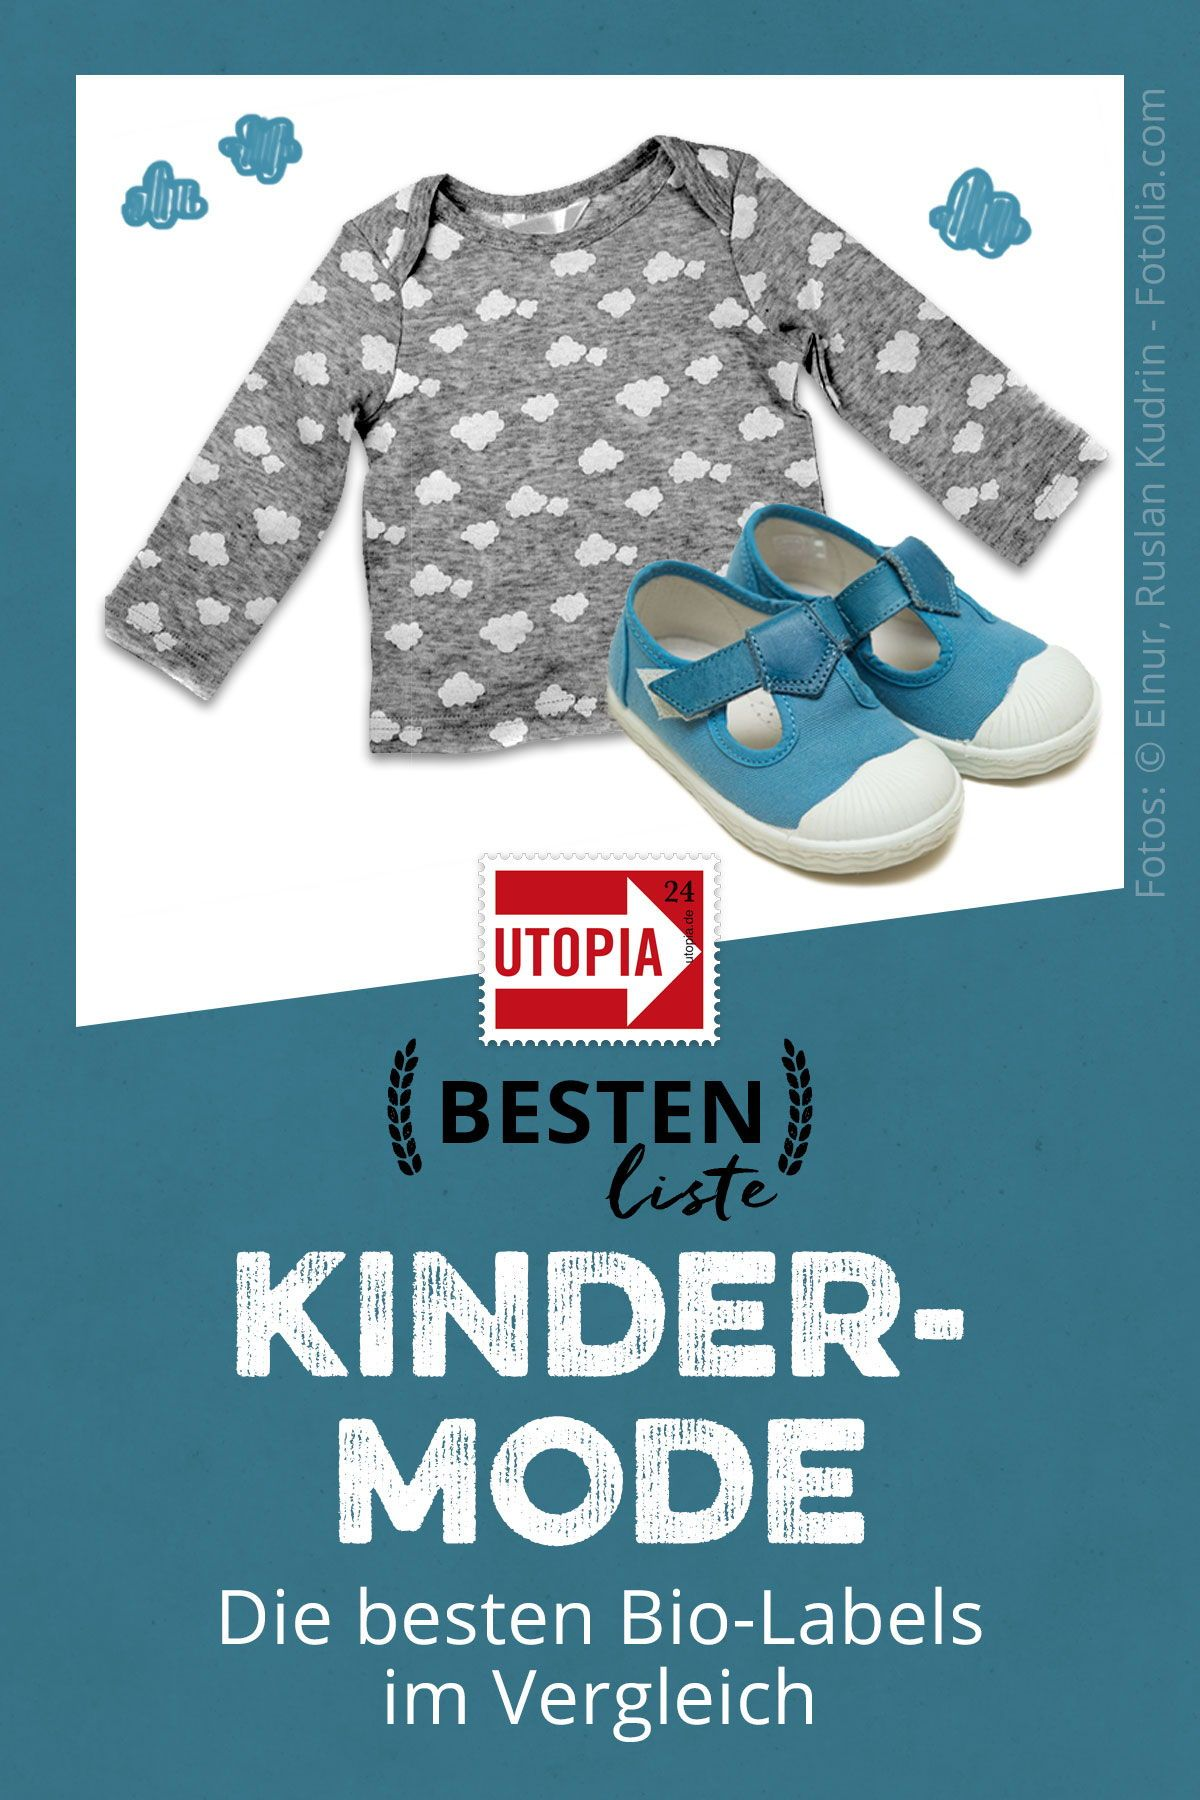 1773ec2daf Faire Mode für Kinder und Bio-Kindermode: Die besten Labels. Wir zeigen die  schönsten Labels für Bio-Kindermode, bei denen du nachhaltig produzierte,  ...